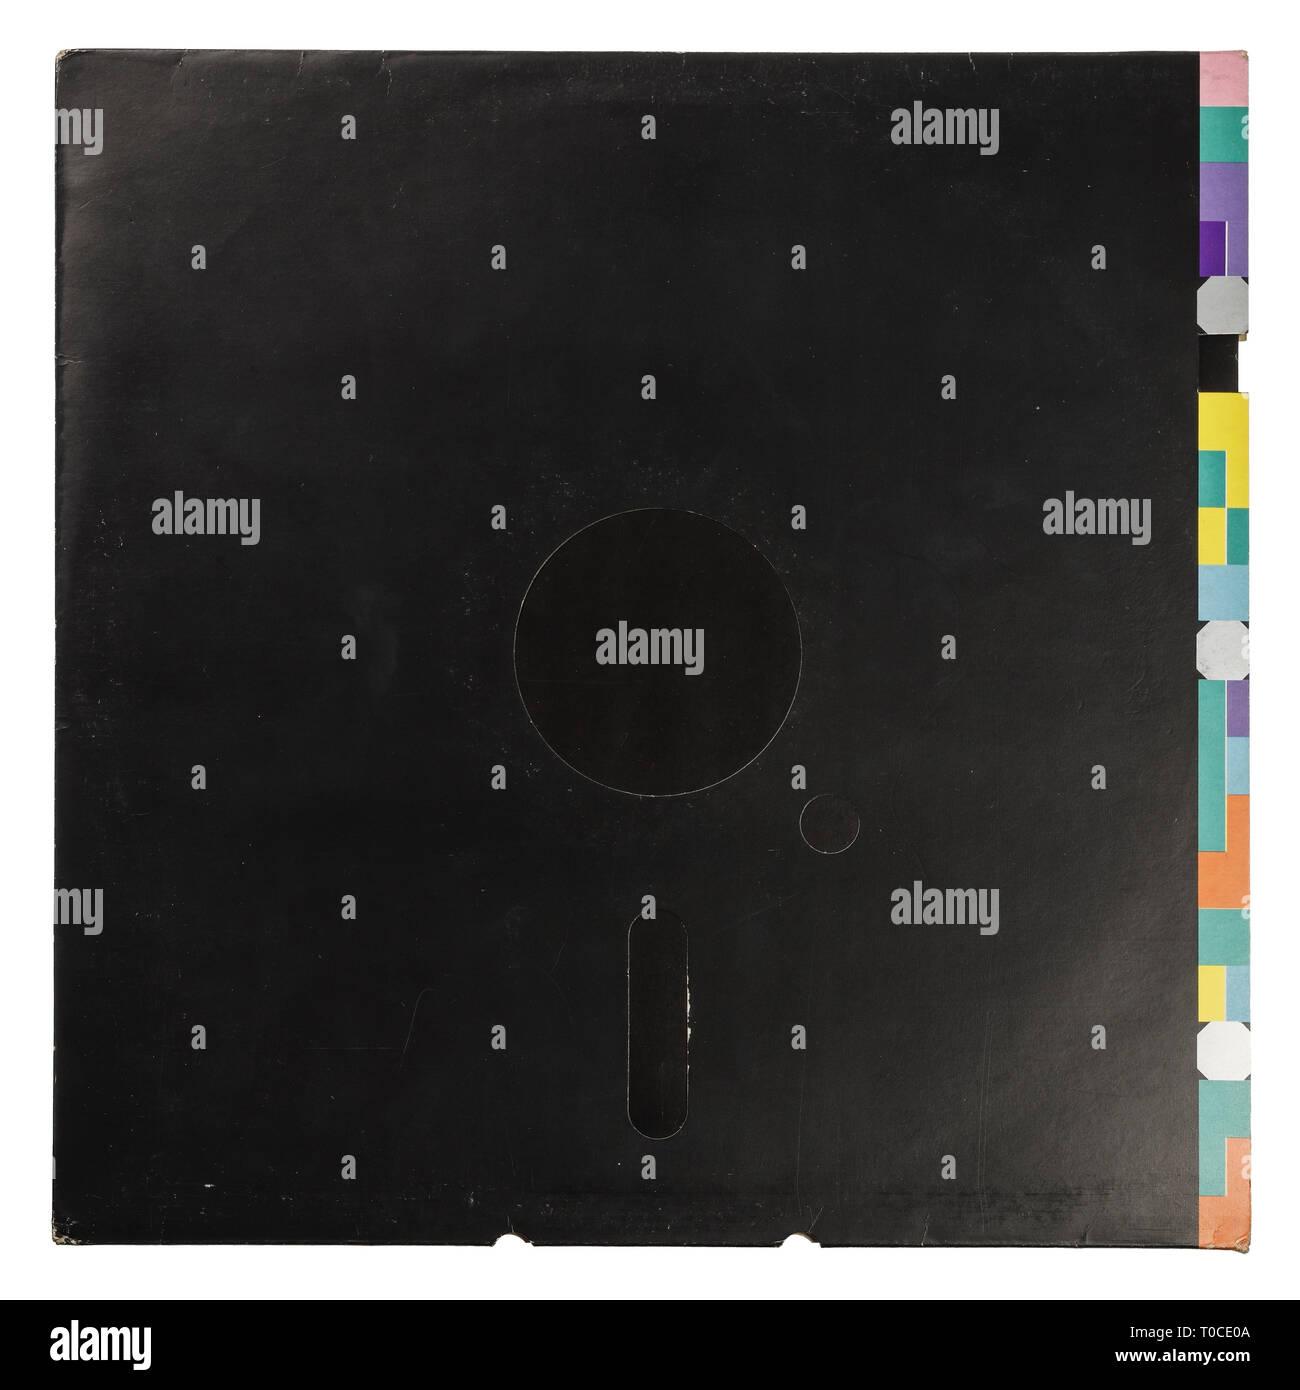 Un original de vinilo de 12 pulgadas para el Azul de manguito único el lunes por el nuevo orden Foto de stock